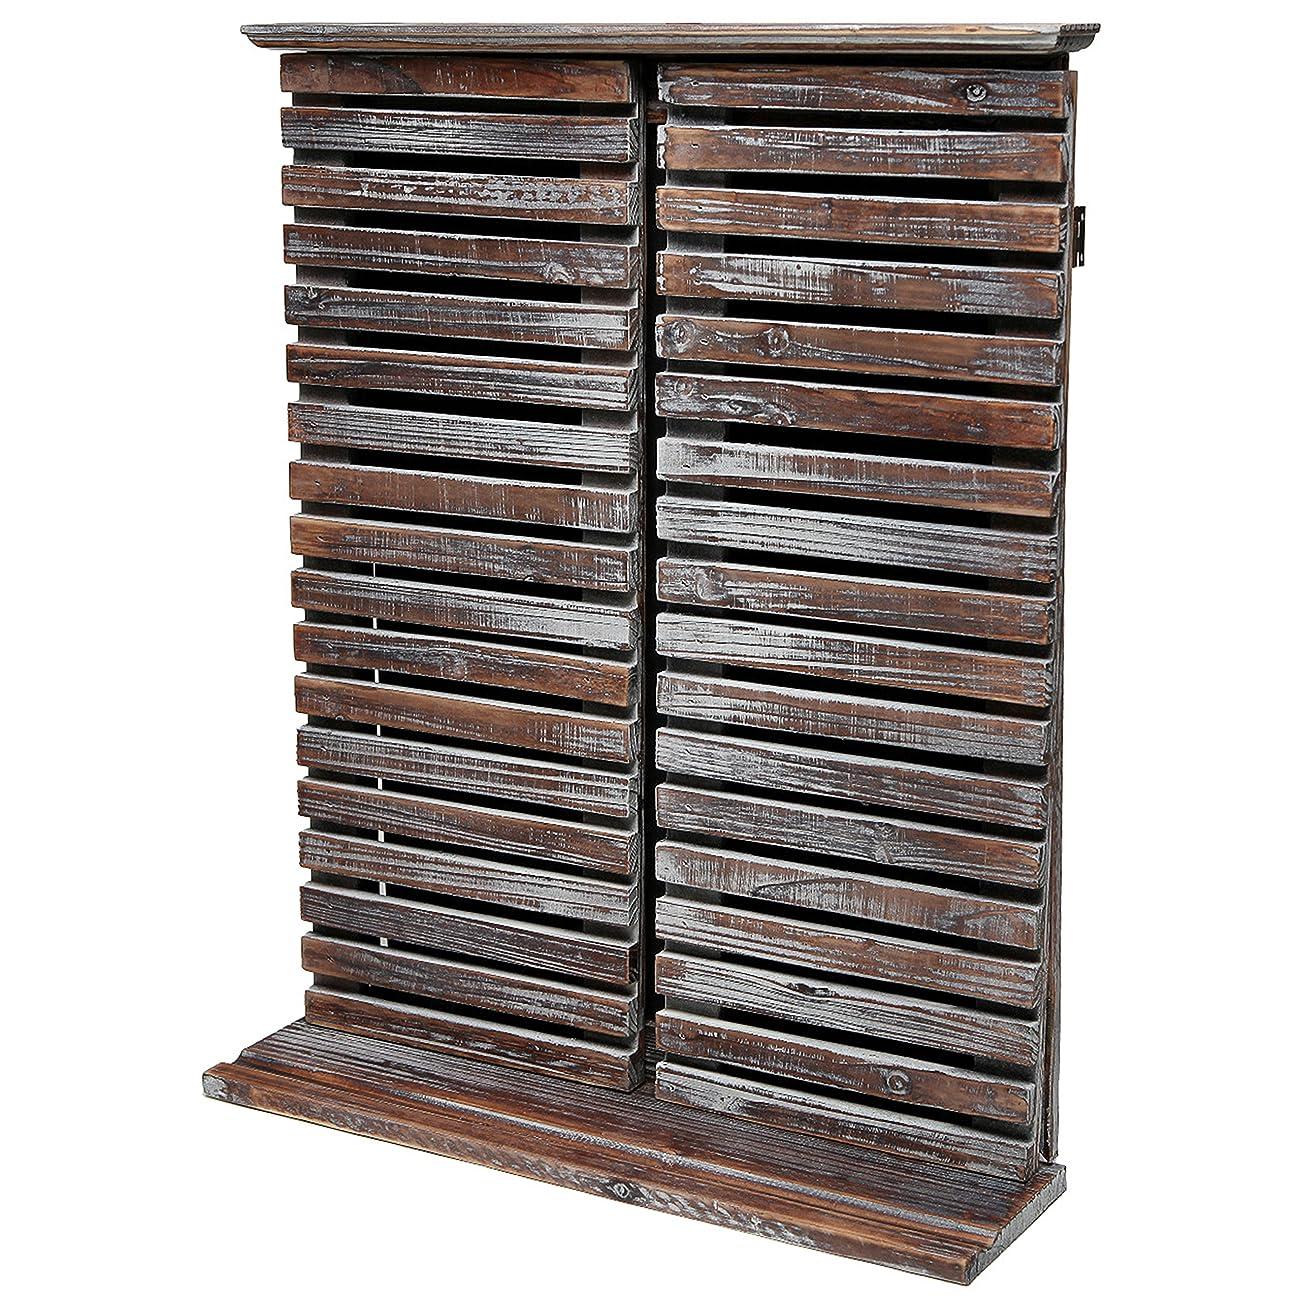 Rustic Vintage Wood Standing Chalkboard / Wall Mounted Blackboard w/ Folding Shutter Doors - MyGift® 3